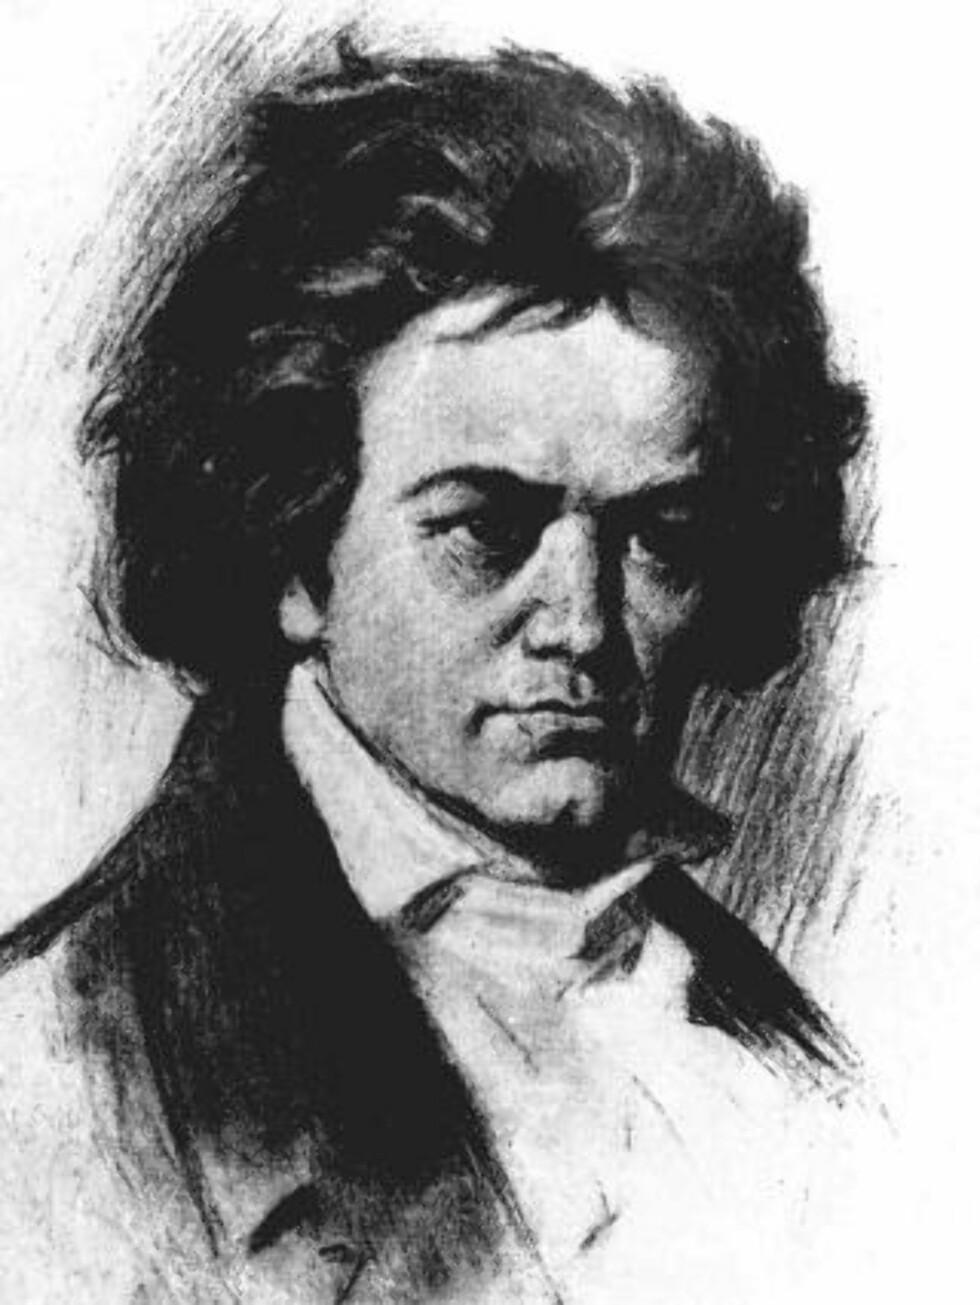 STØRST: På spørsmål om hvem som er en den største komponisten av alle, Bach, Mozart eller Beethoven, svarer Leif Ove Andsnes : — Jeg er glad jeg ikke behøver å rangere dem. Det handler nok om de tre, men for meg er Beethoven størst — nå.